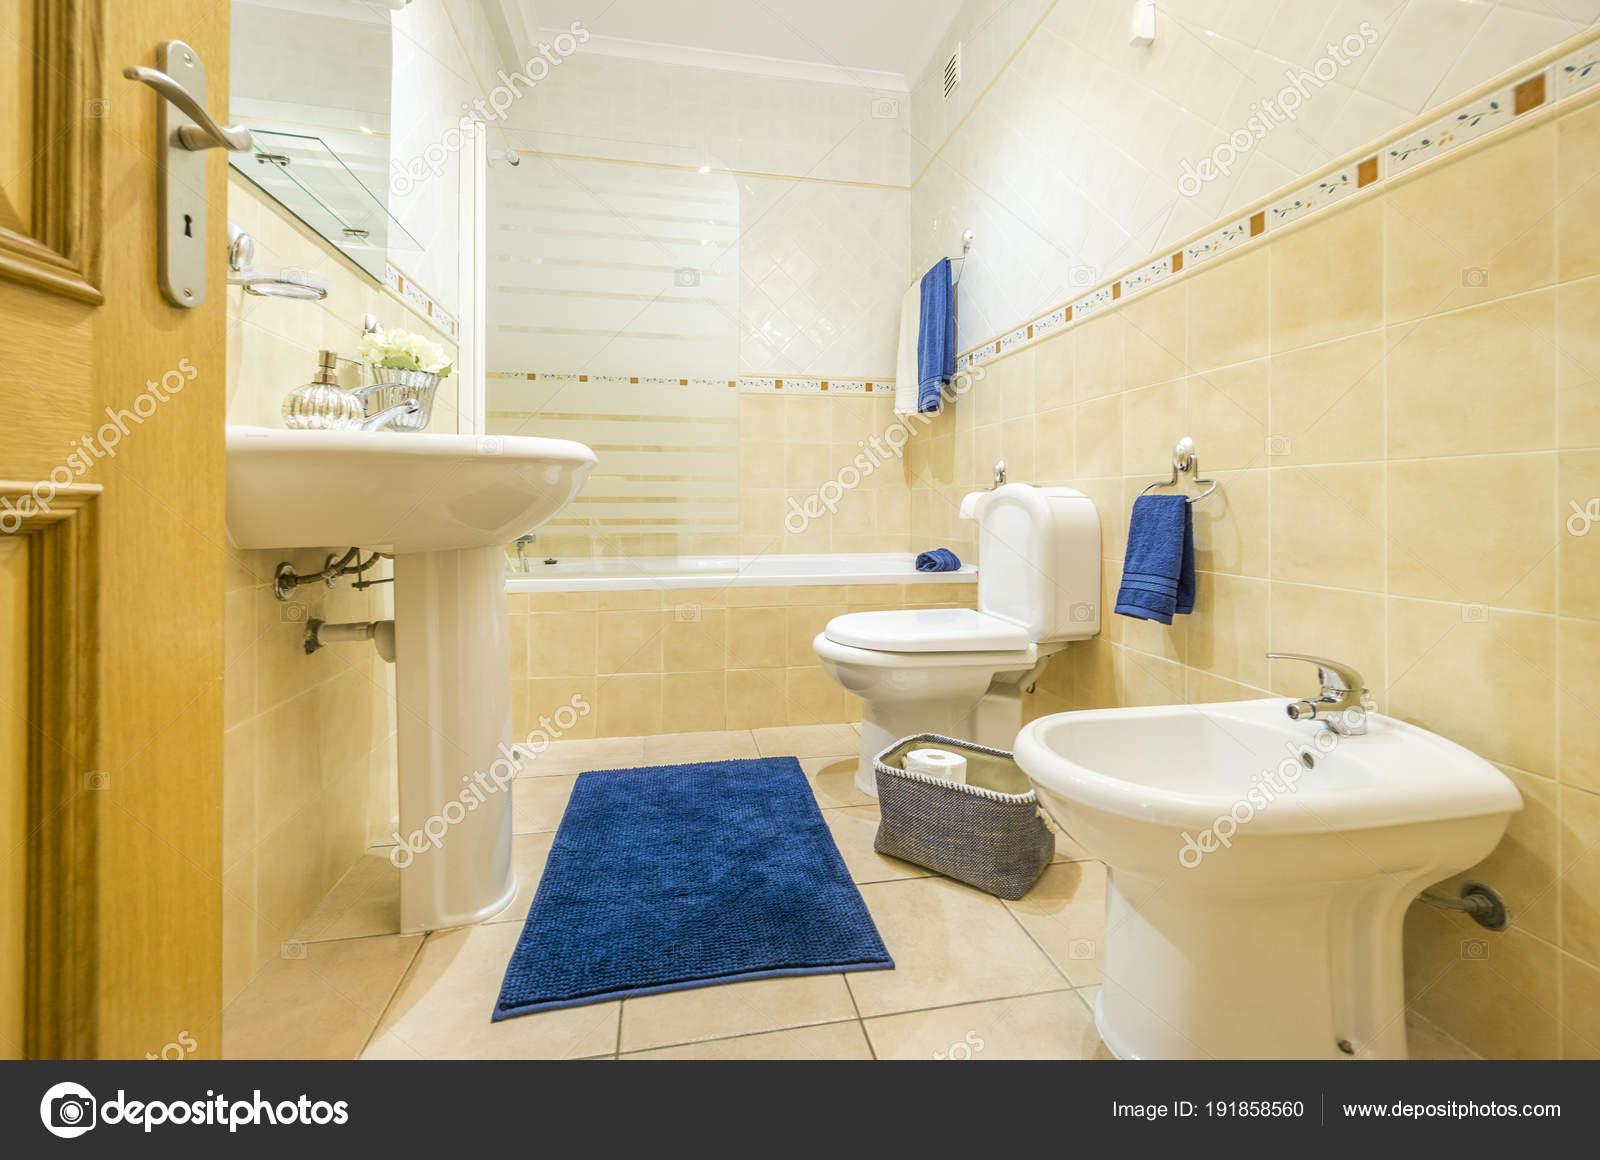 Klassisches Badezimmer mit blauen Handtücher und Teppich — Stockfoto ...